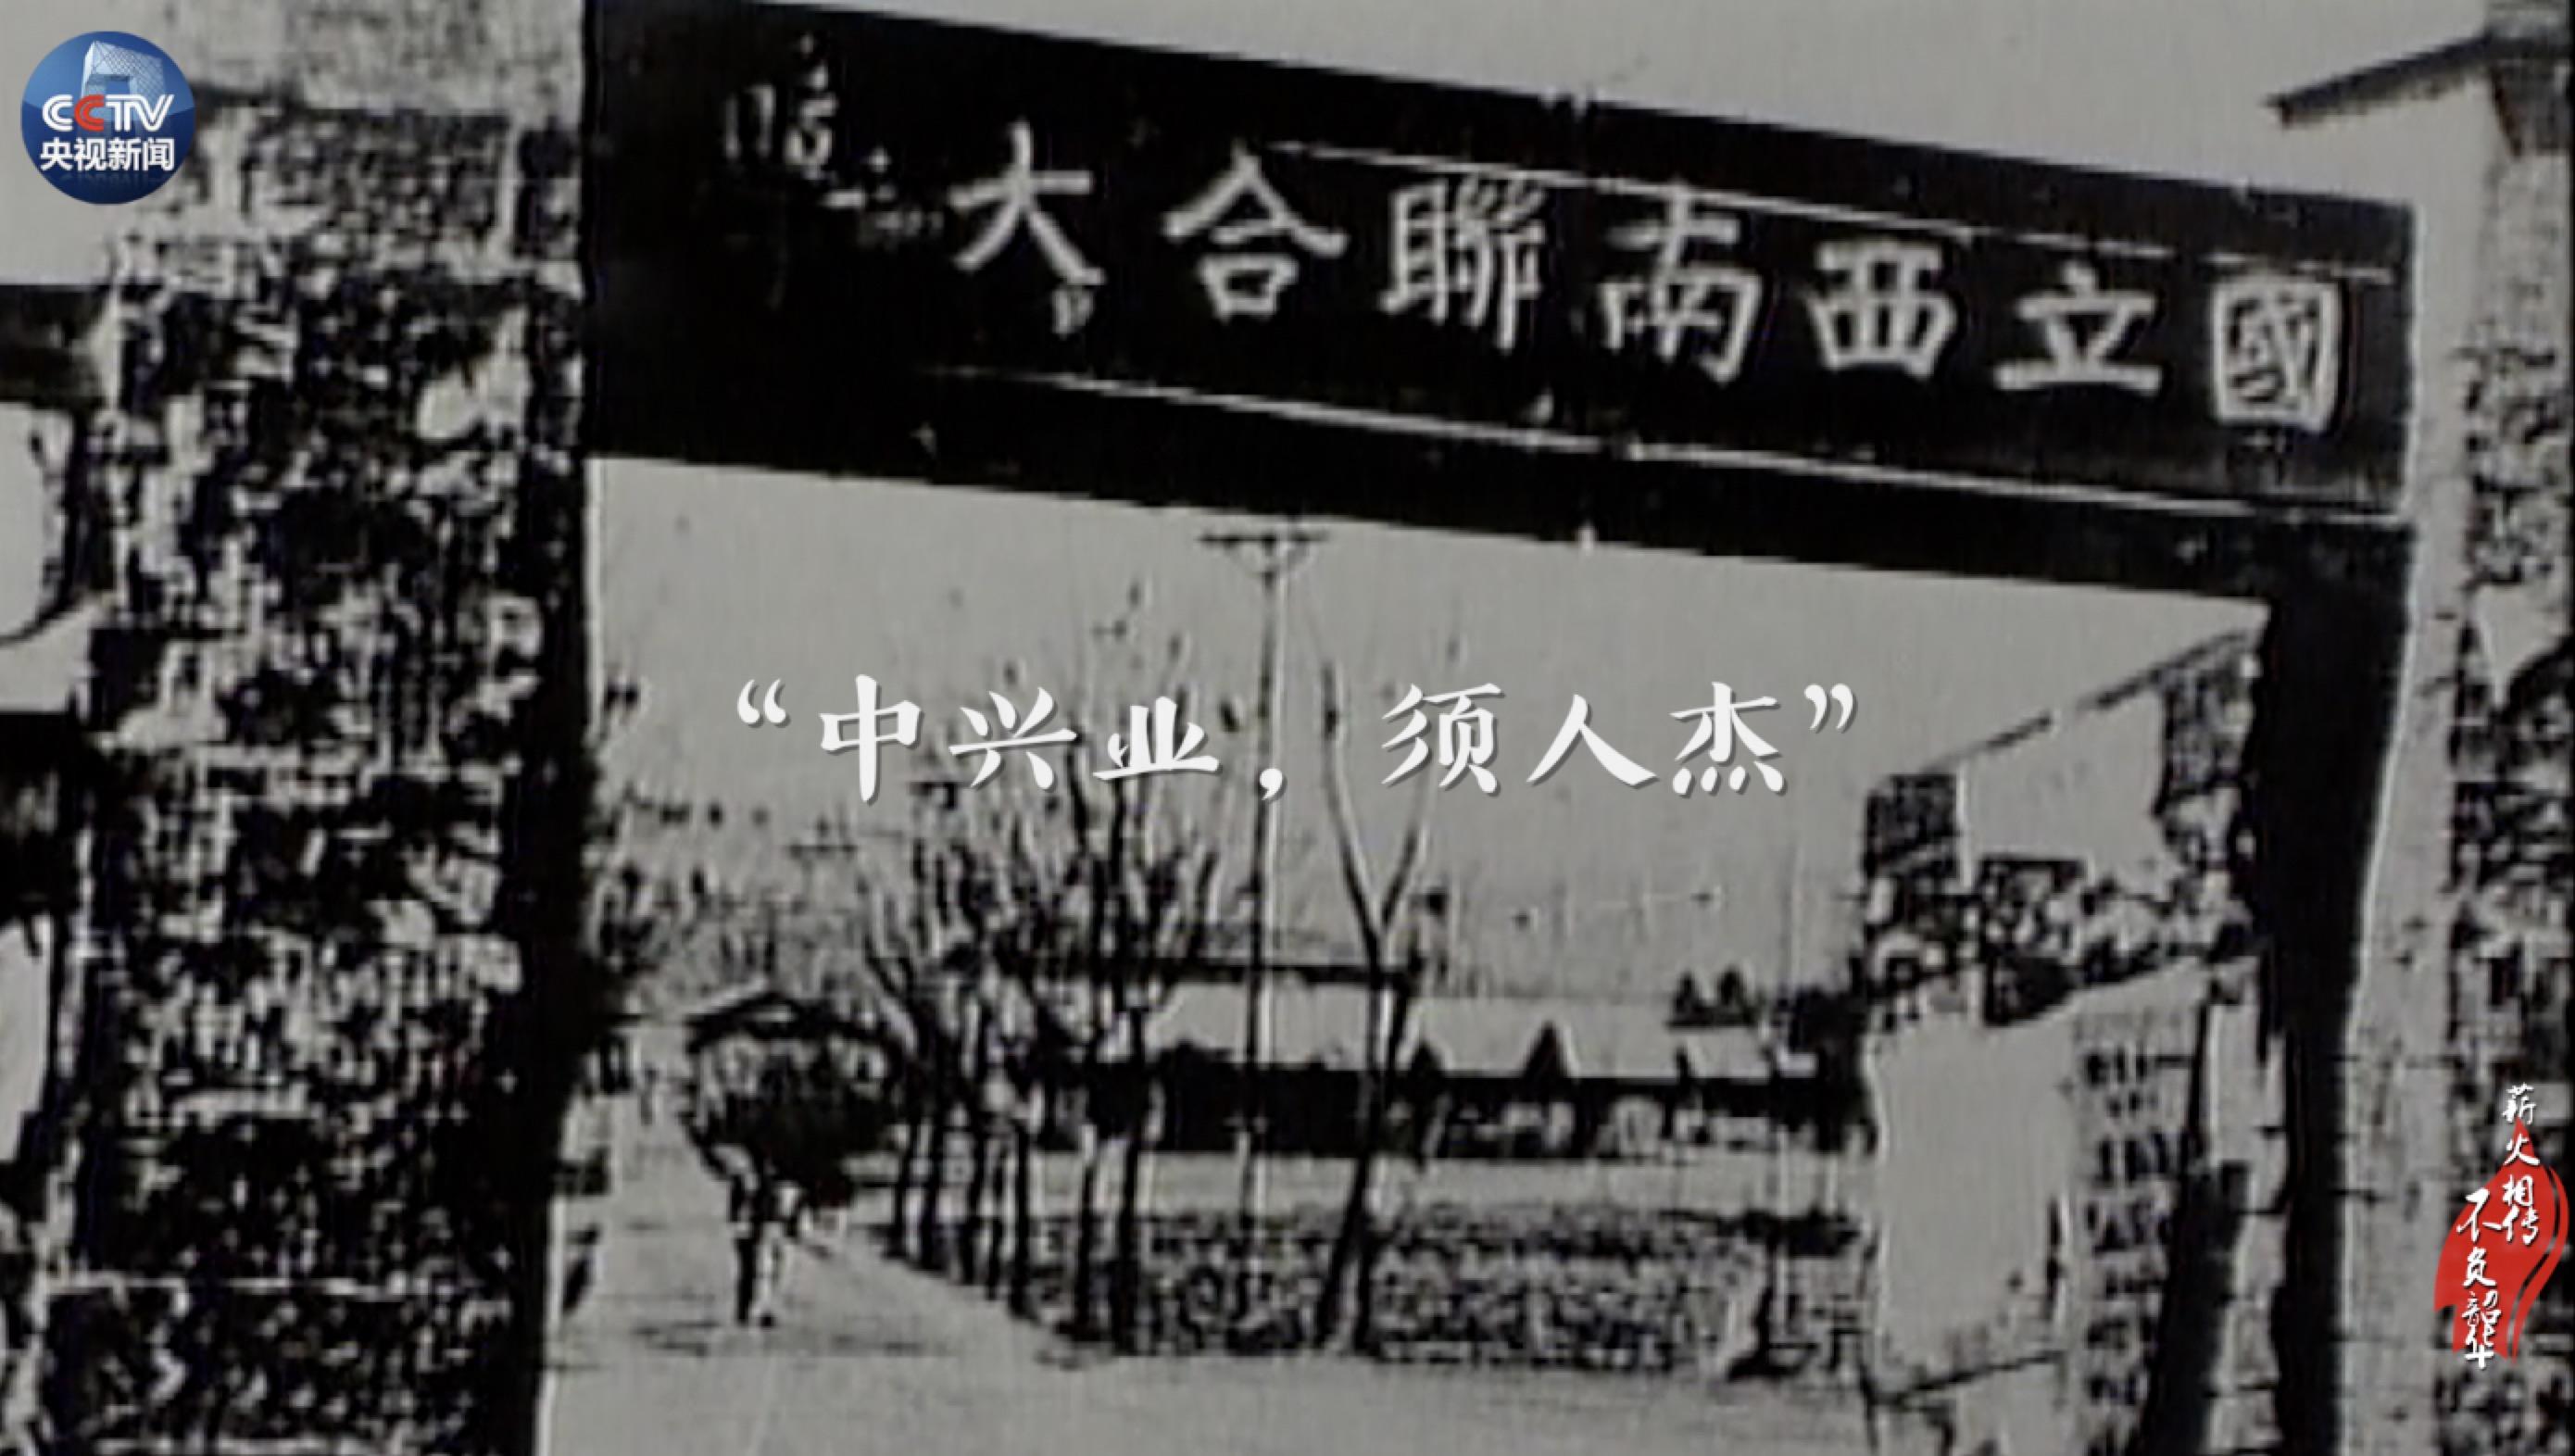 原创微视频|薪火相传 不负韶华